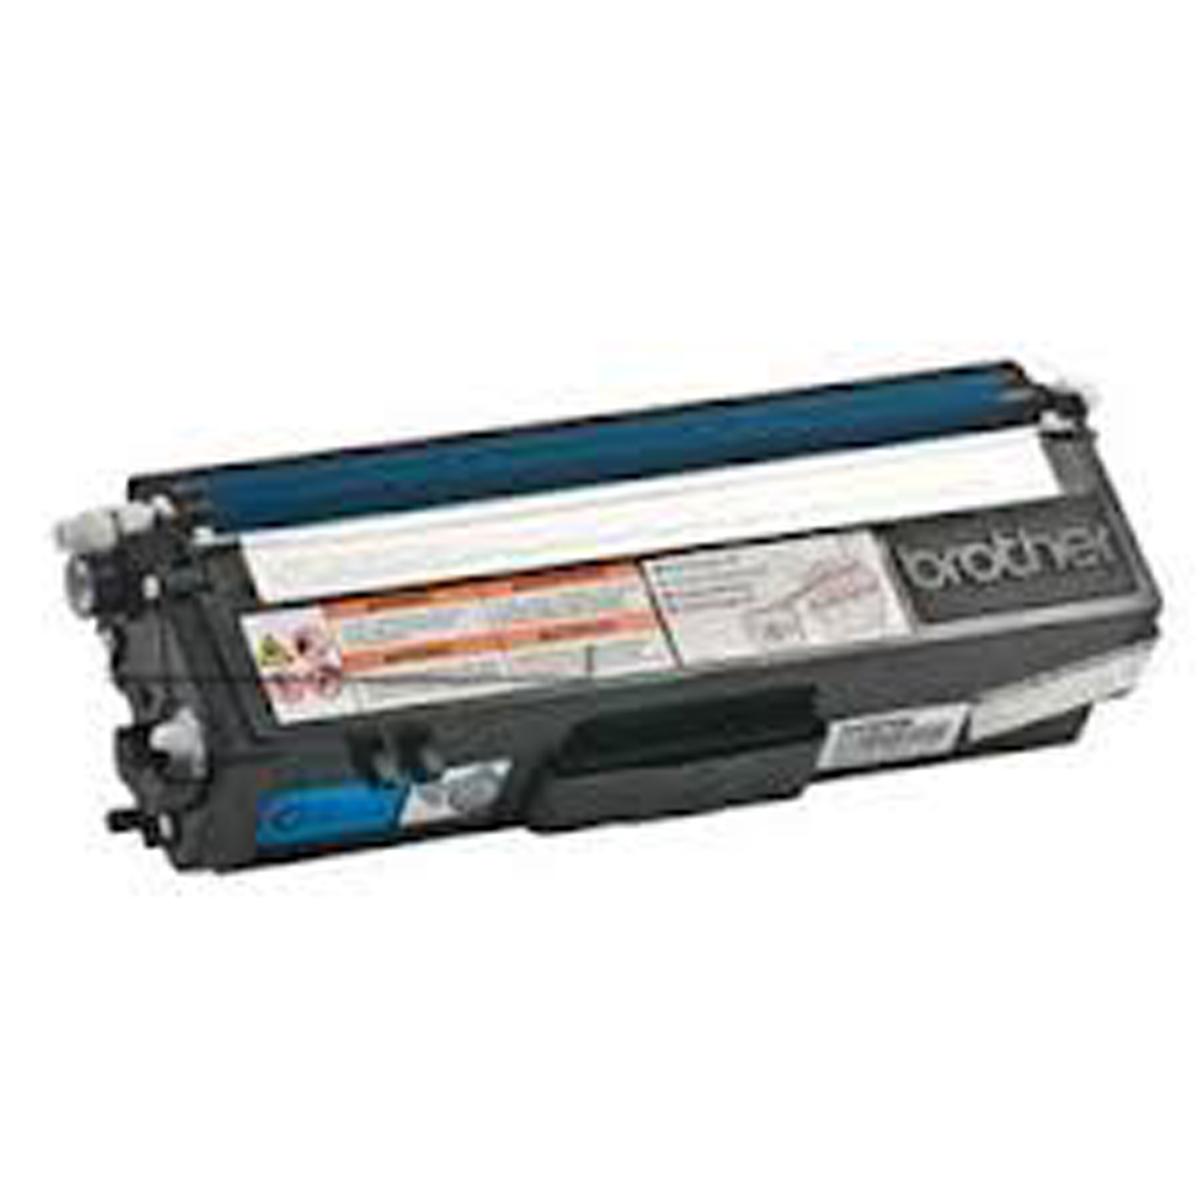 Toner Brother TN315 TN325 TN345 TN375 - HL4140 MFC9970 HL4150 MFC9460 HL4570 Ciano